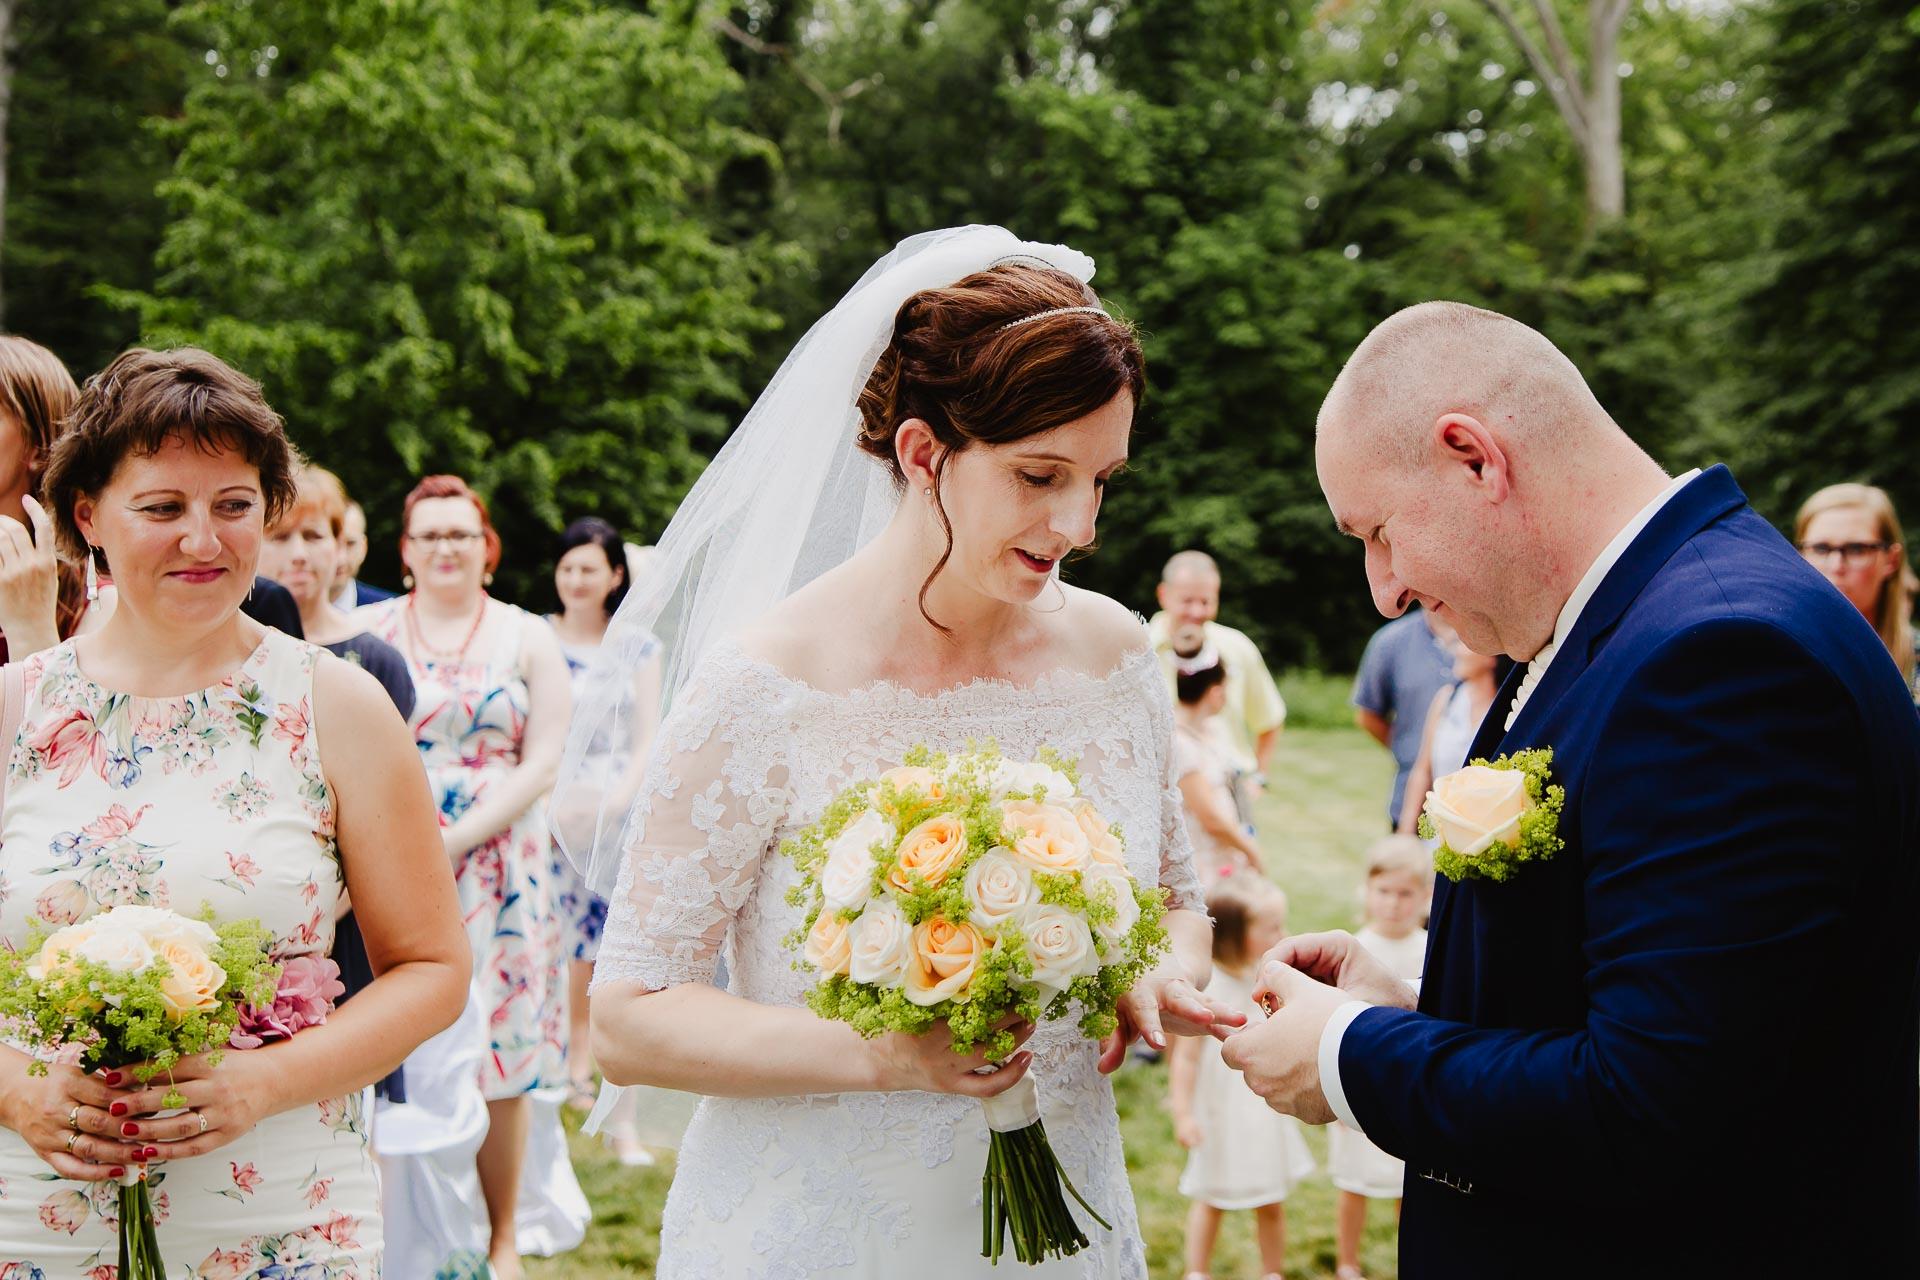 příprava-svatebního-obřadu-Lysá-nad-Labem-svatební-agentura-Svatbavenku-9213